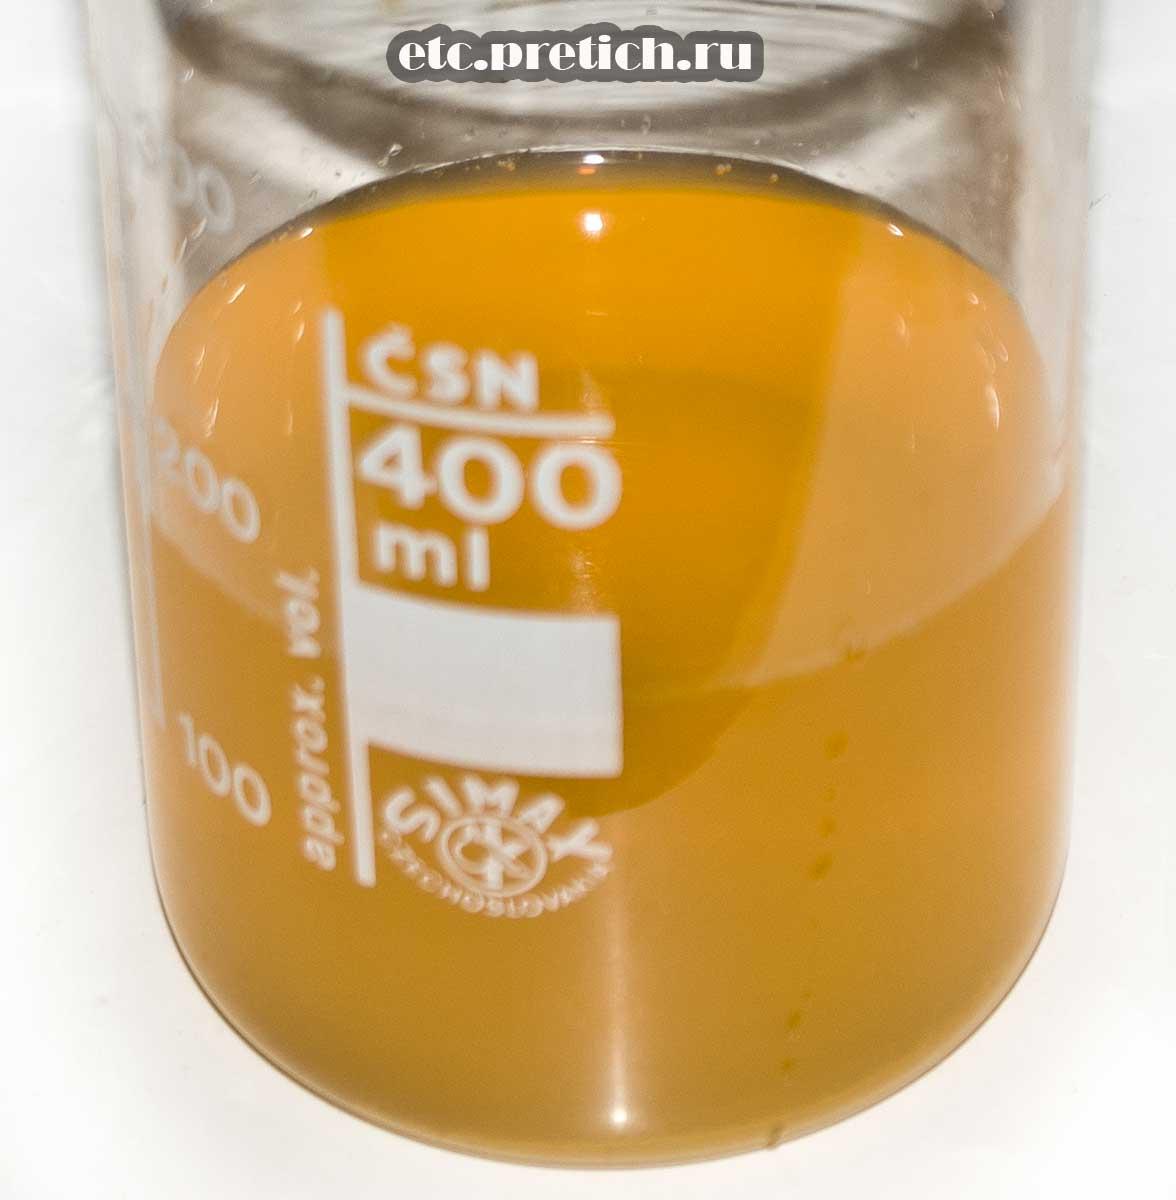 Best JOY персик - сок какой он на вкус, наливаем и пробуем. плохо!